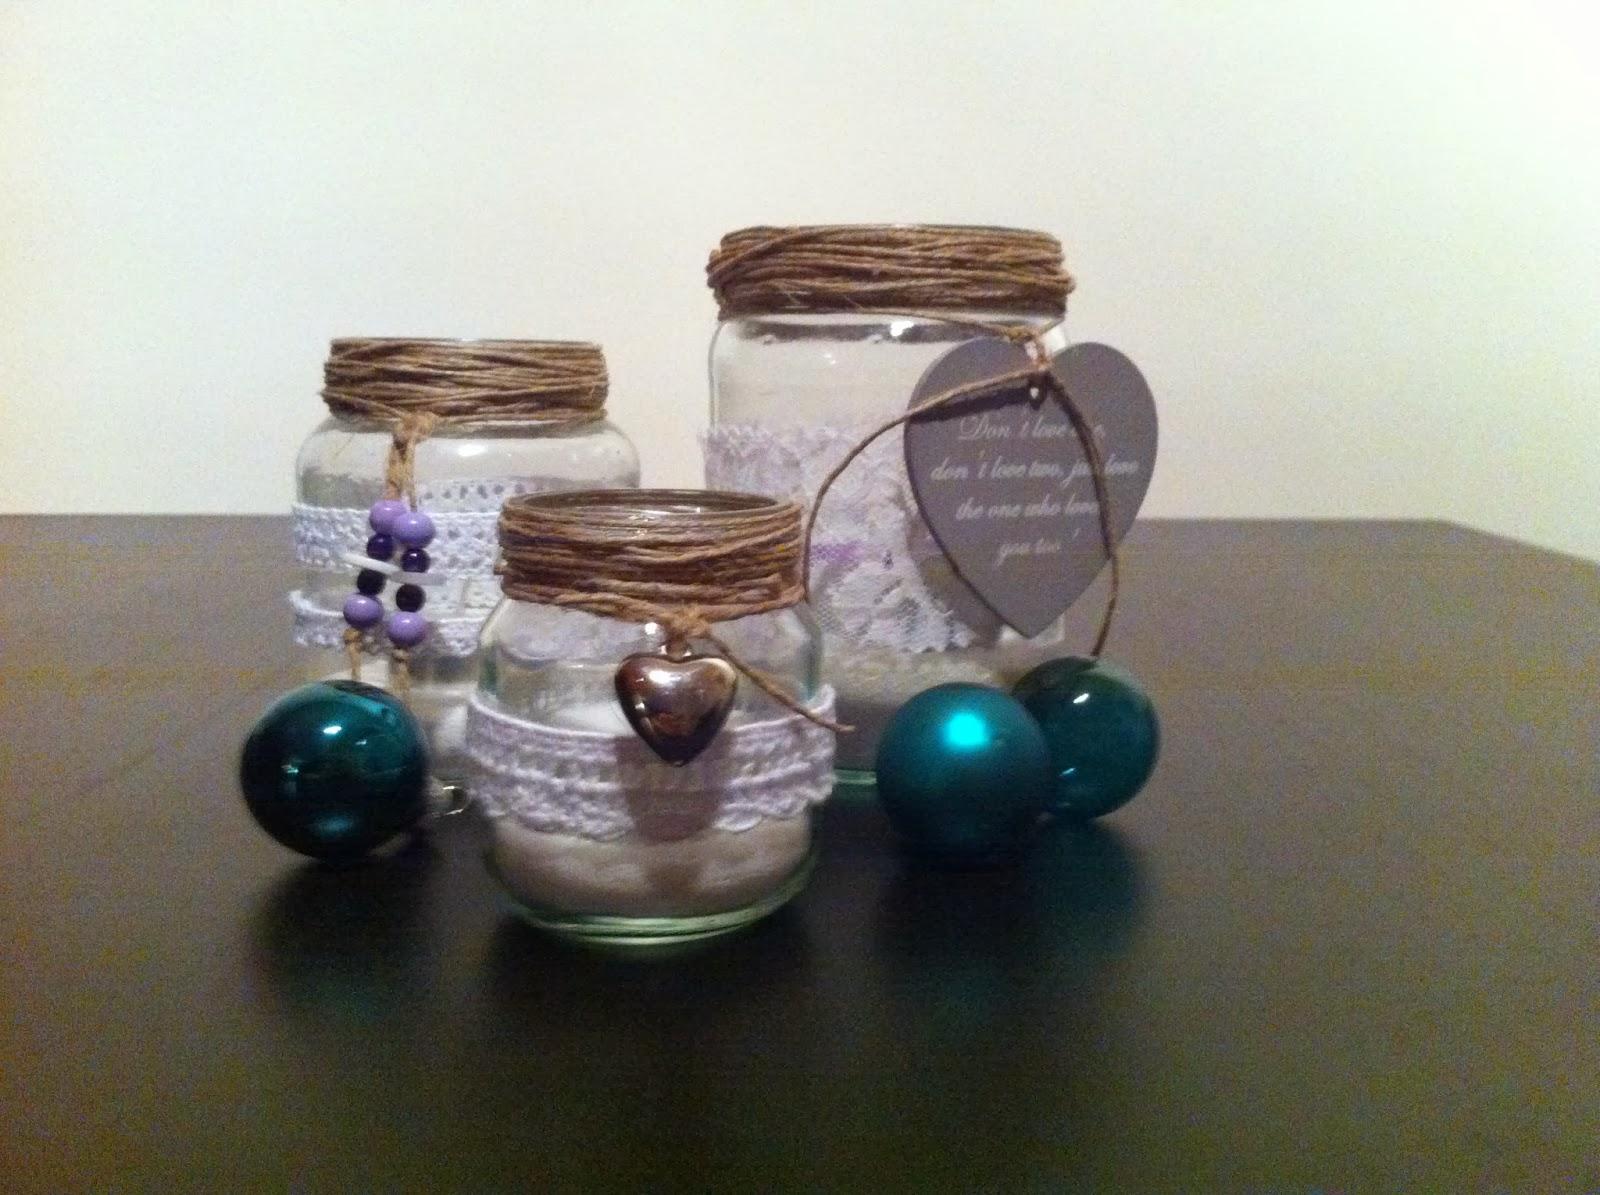 Geliefde Handmade Creations by Francis: Glazen potjes met kant versiert! @VV44